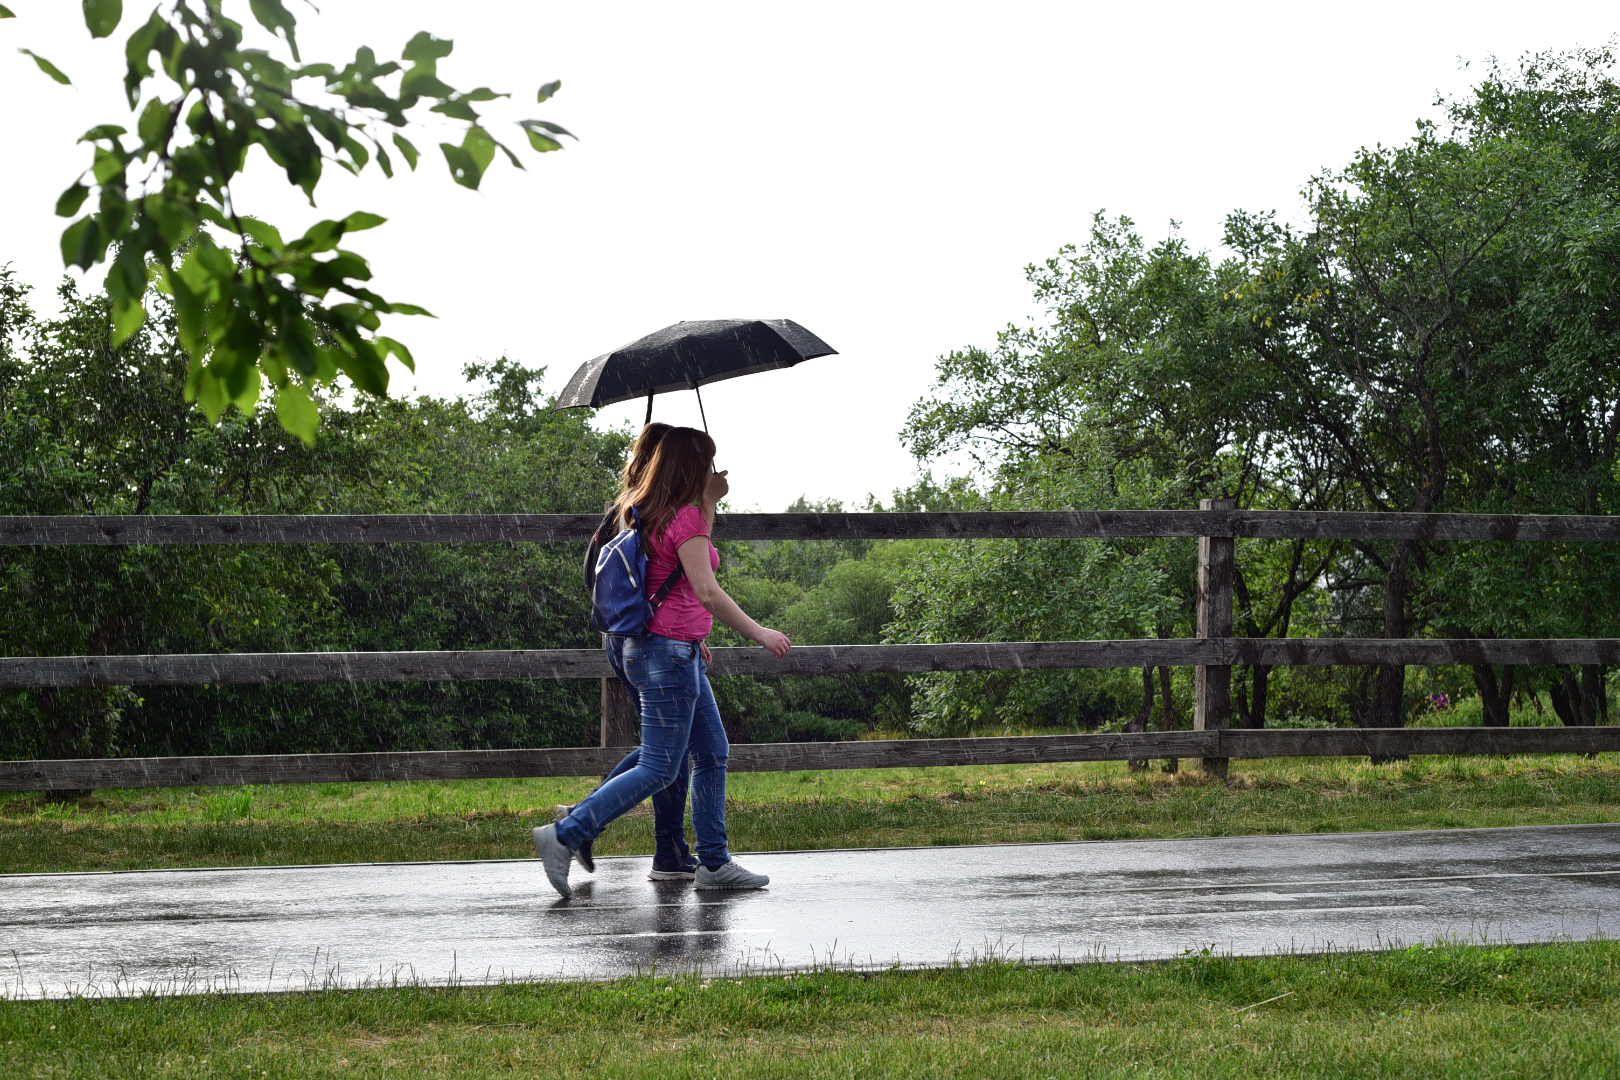 Погода в пятницу будет дождливой и облачной